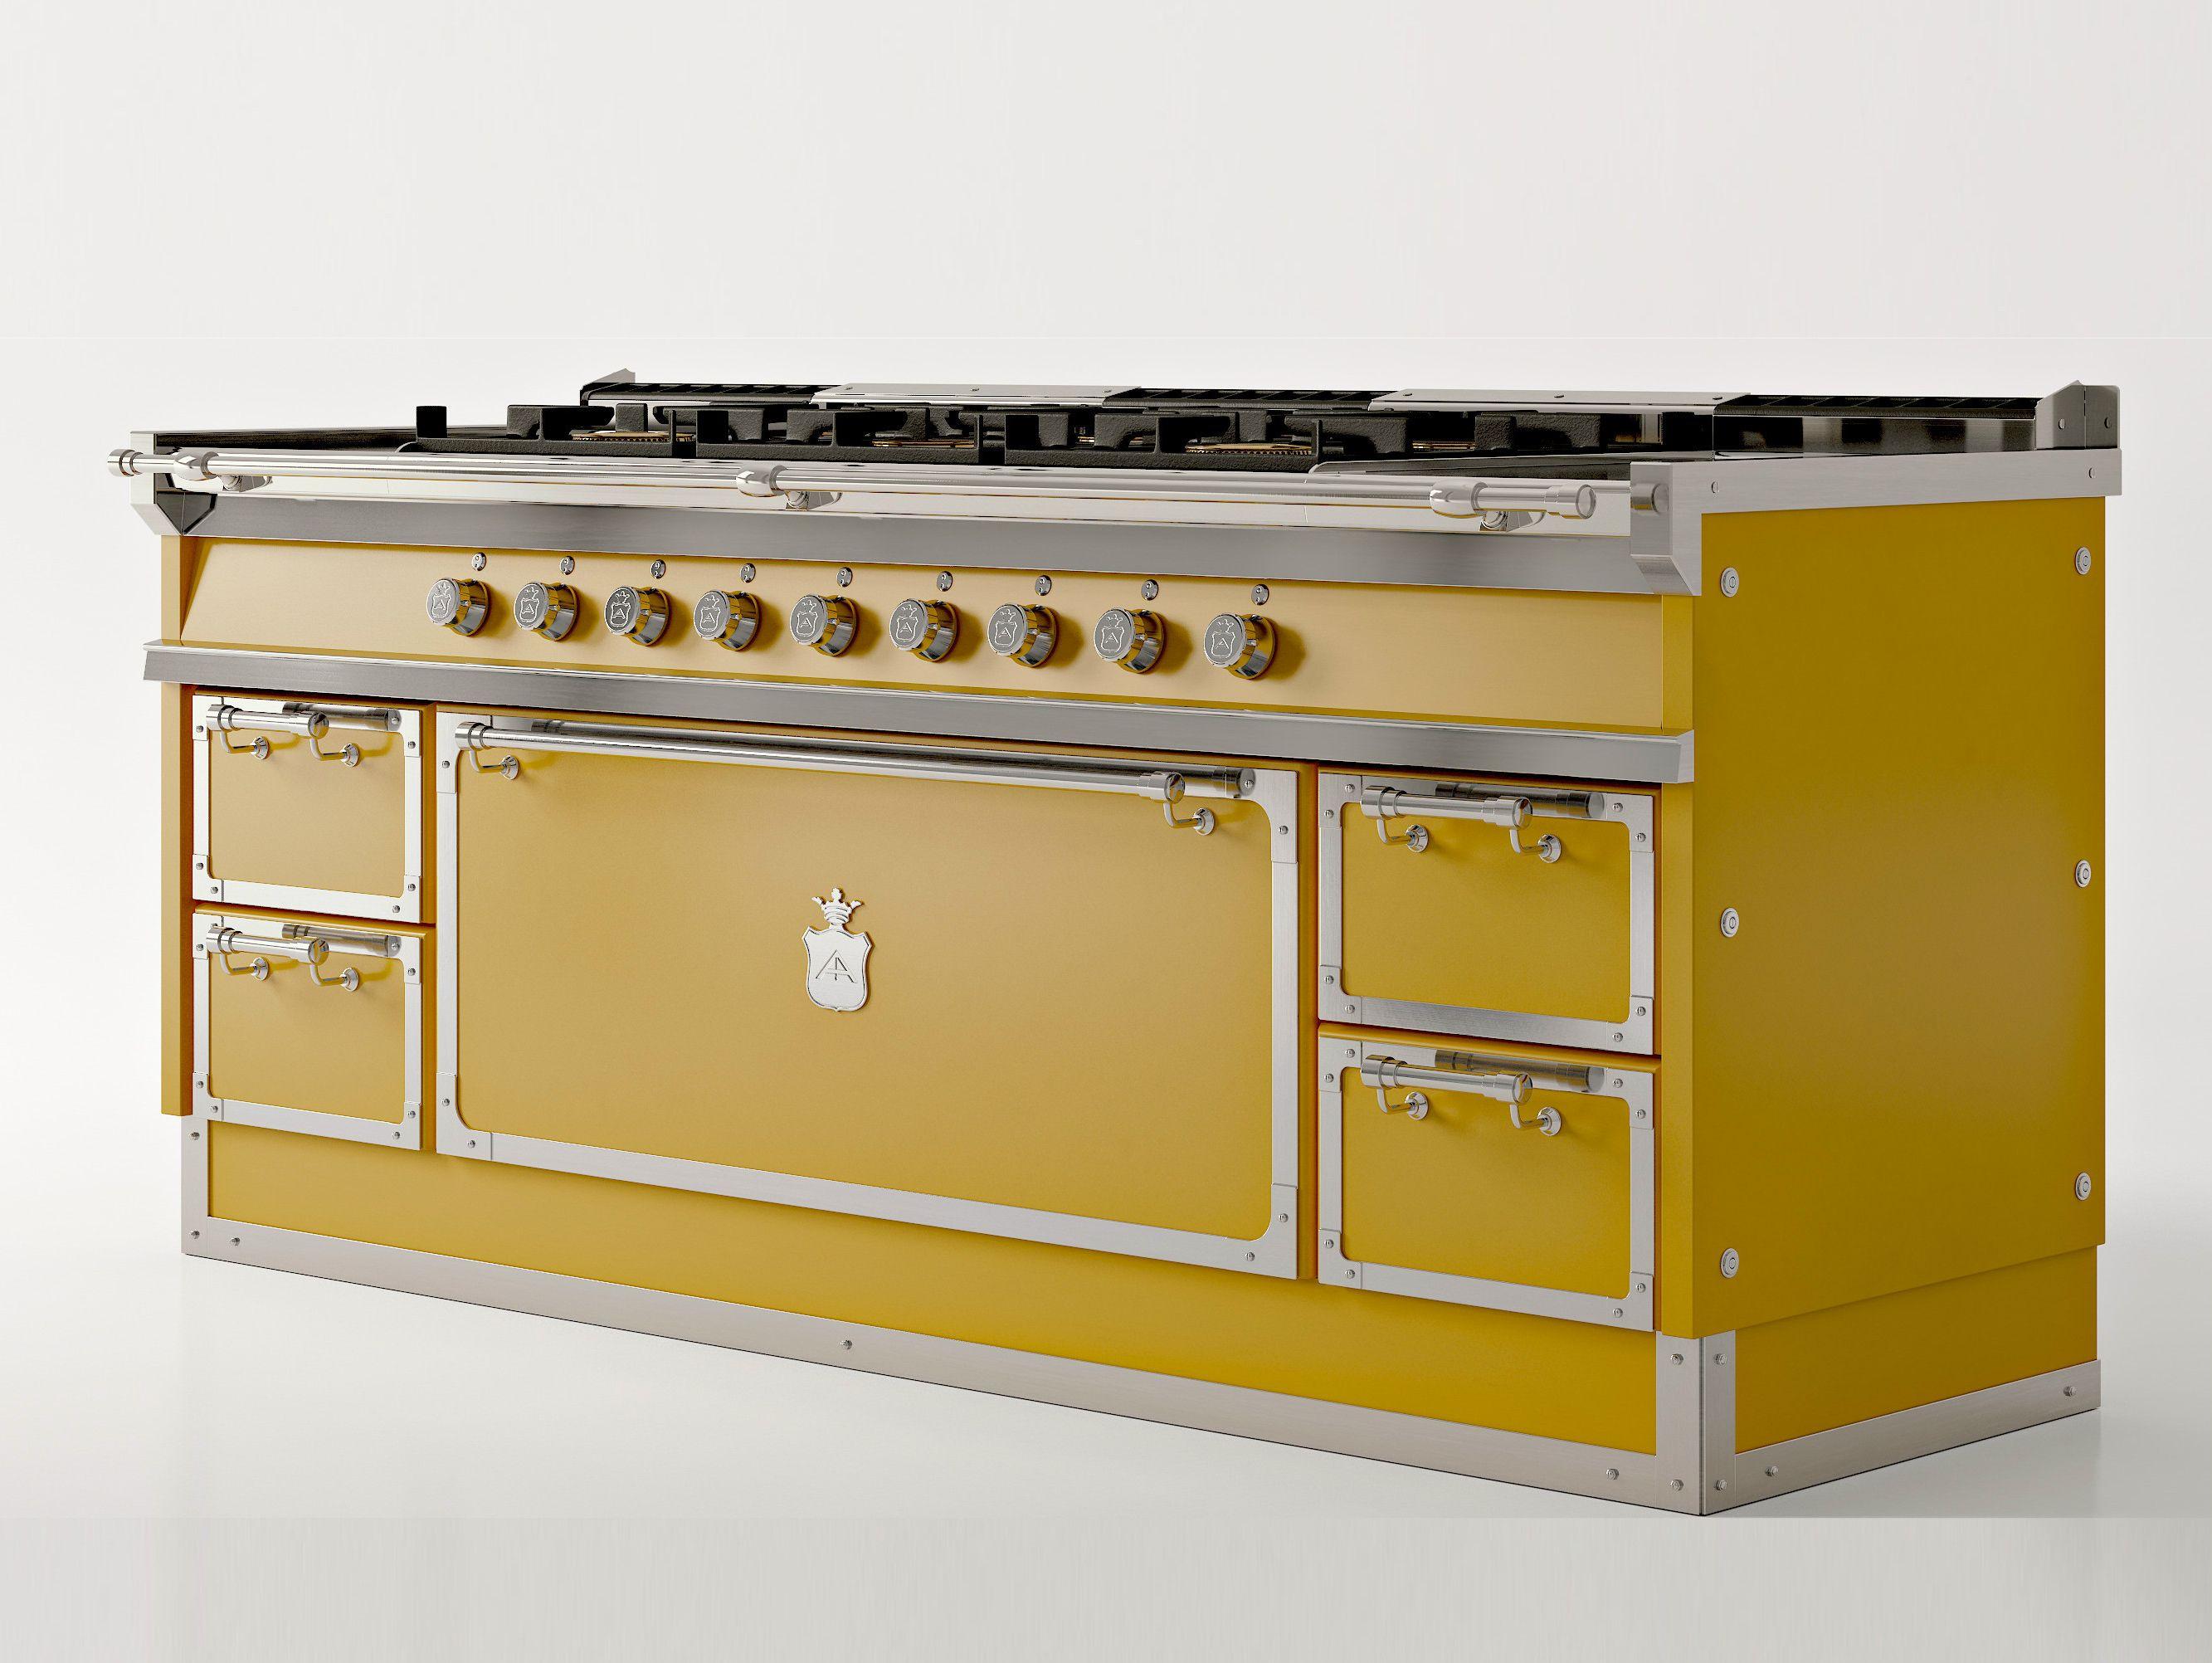 Cucina a libera installazione og208 giallo sole by for Cucina libera installazione